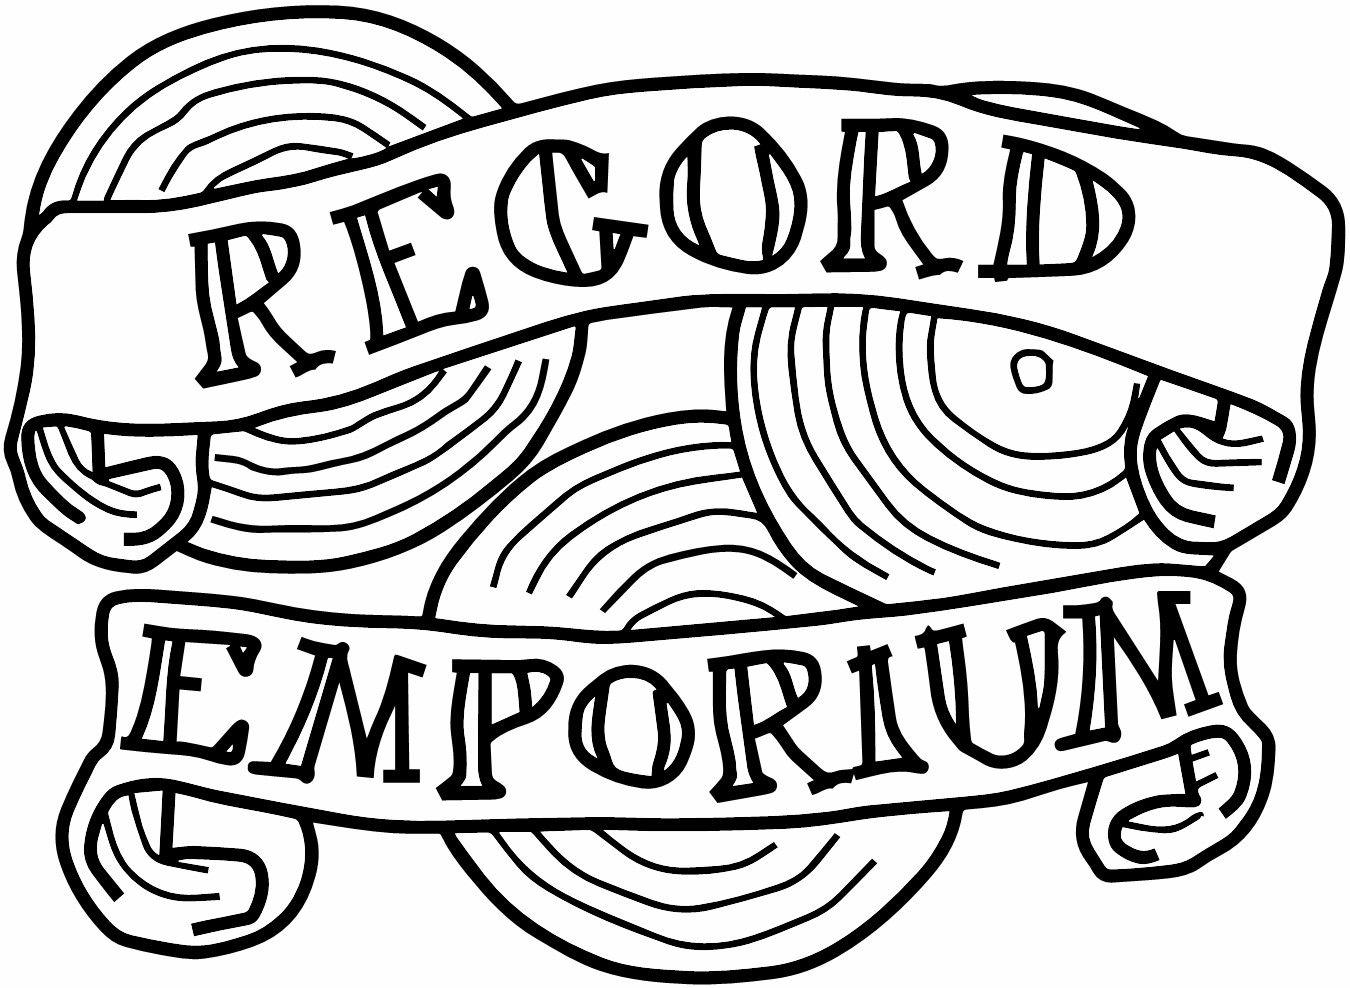 Record Emporium